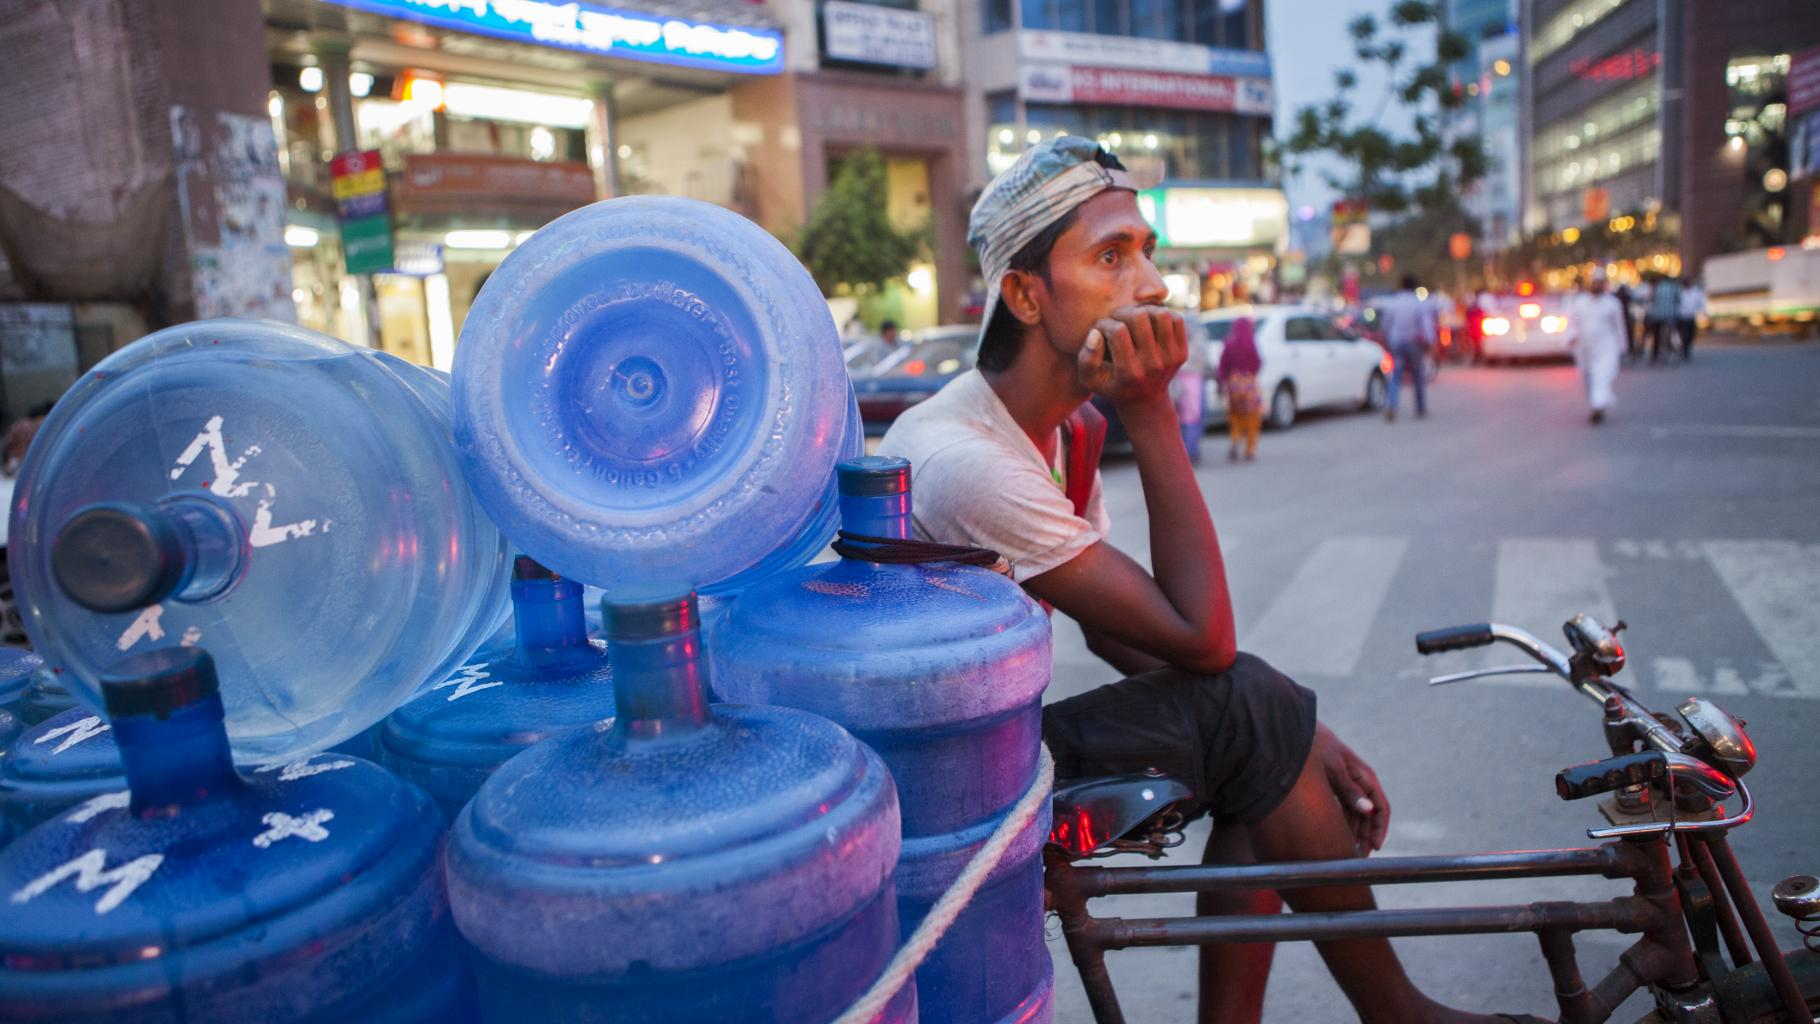 Ein junger Mann sitzt wartend mit leeren Wasserkanistern am Straßenrand.